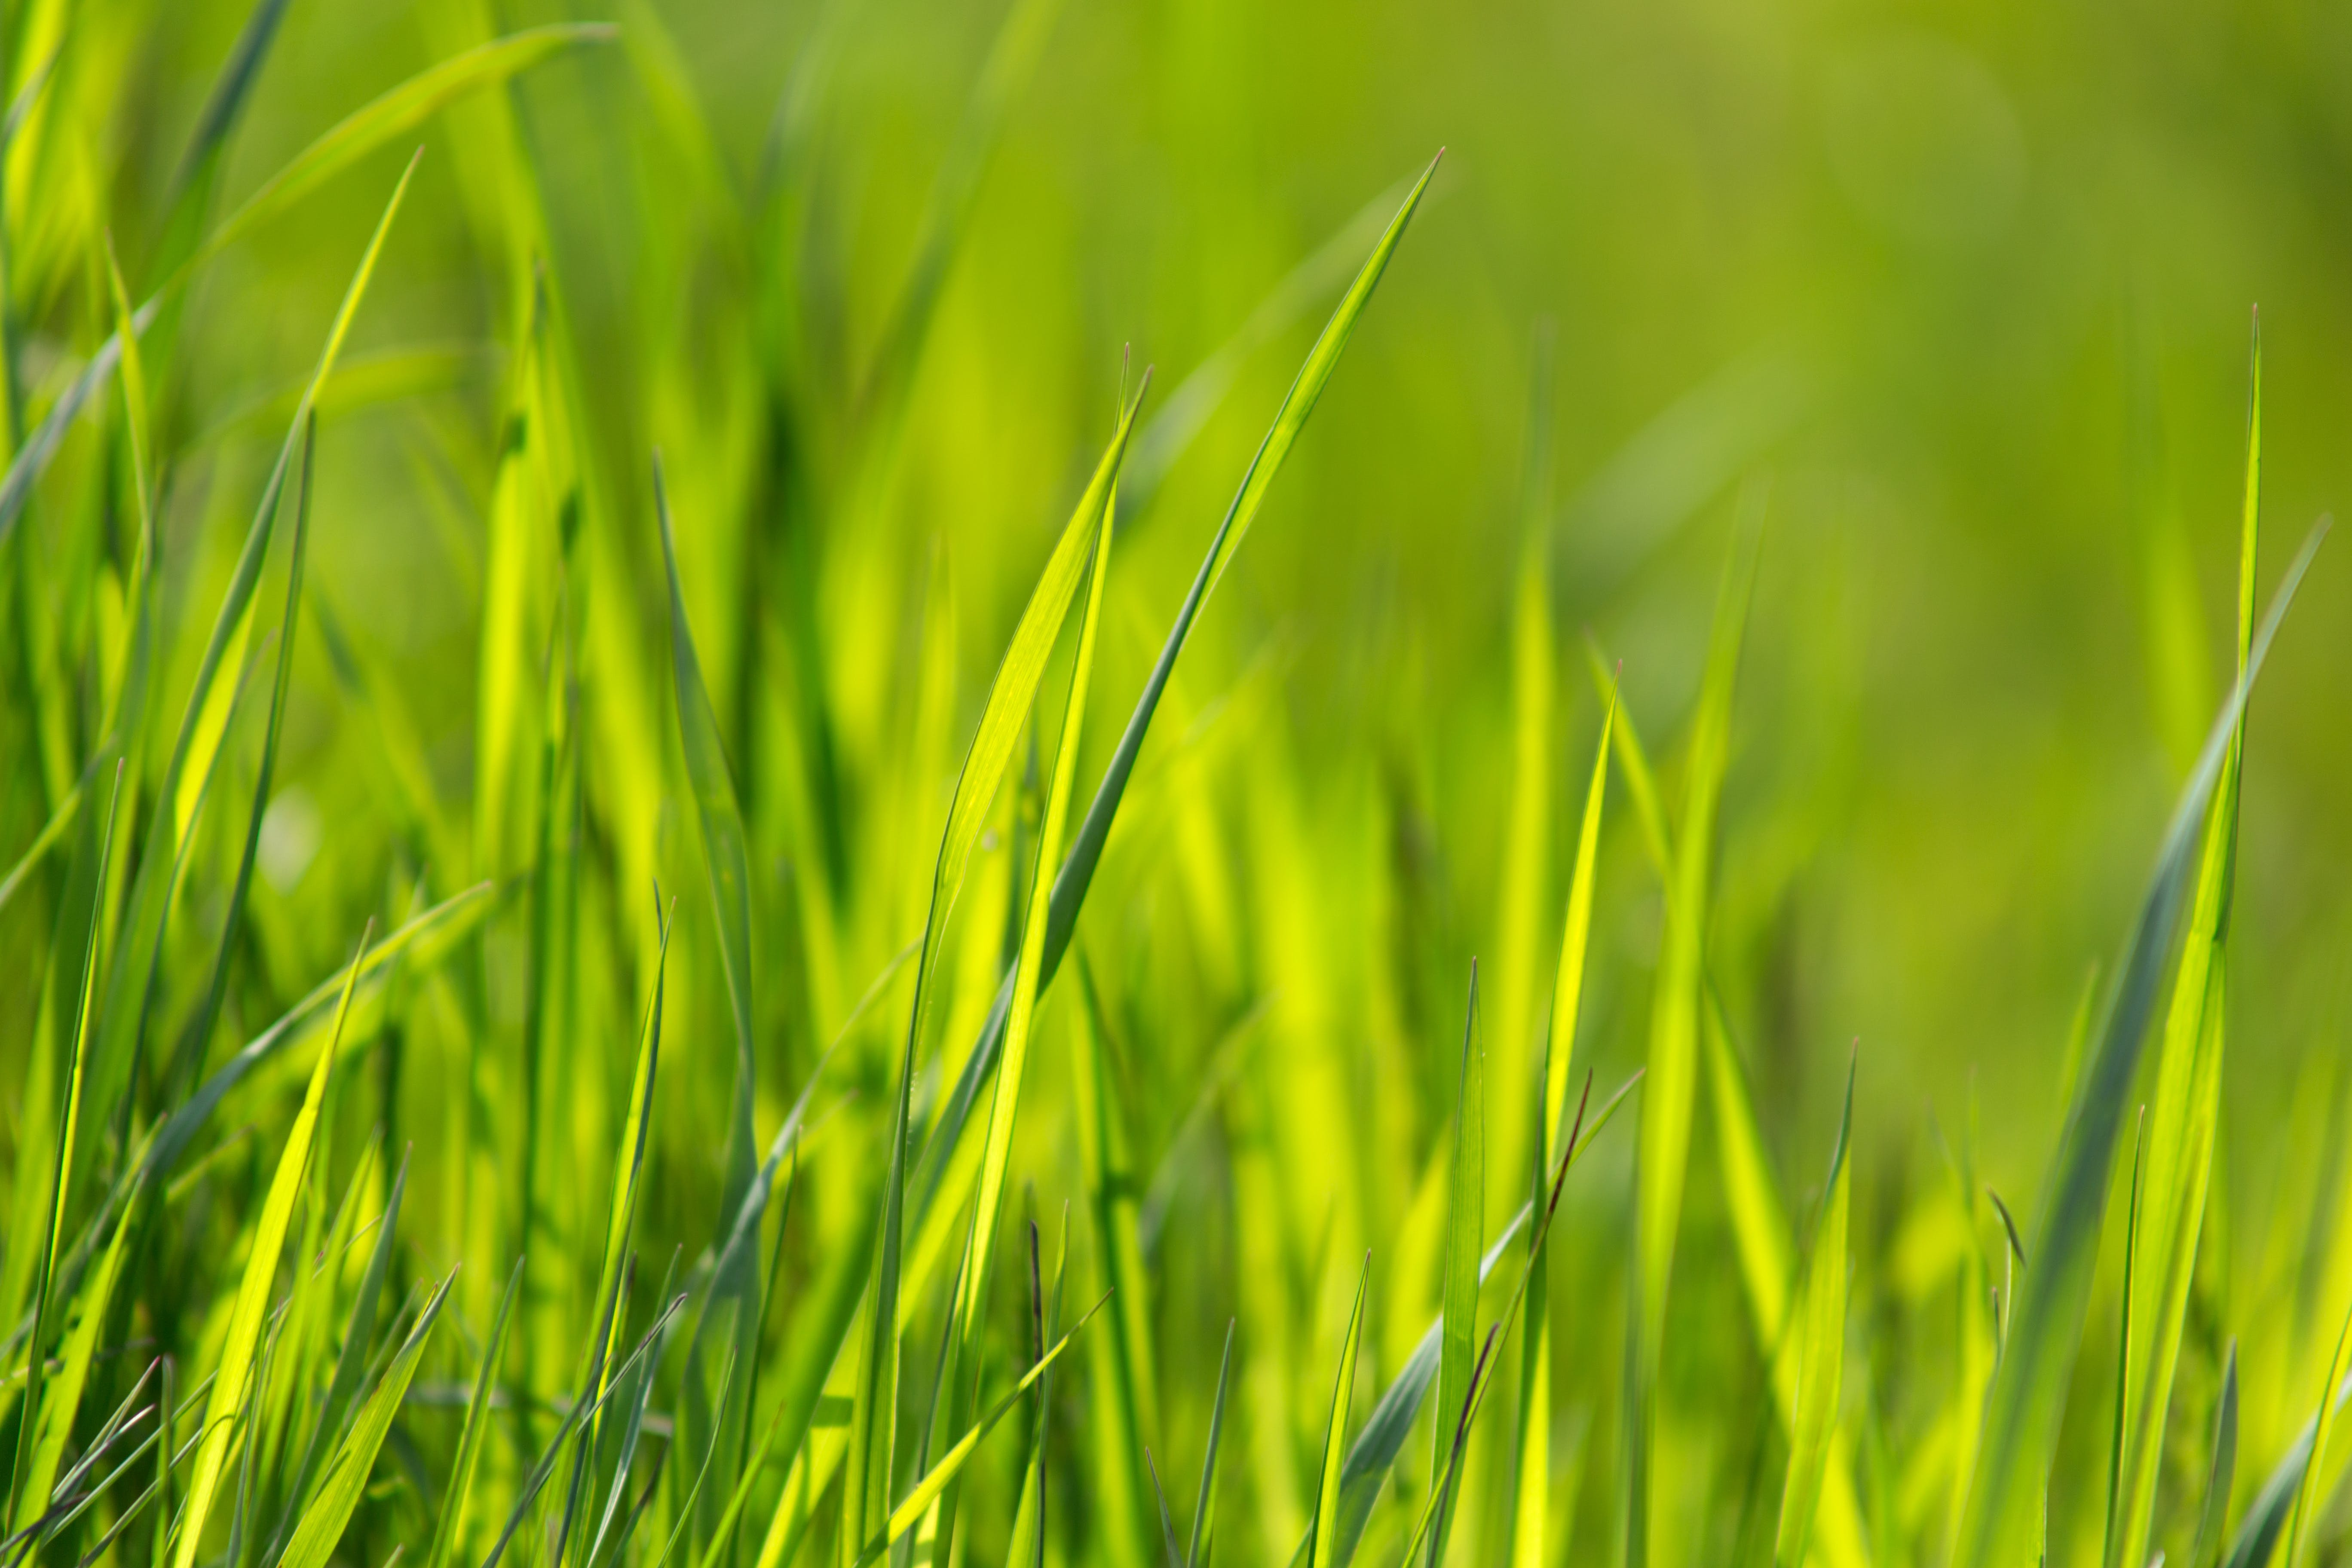 ぼかし, フィールド, ヘイフィールド, 成長の無料の写真素材